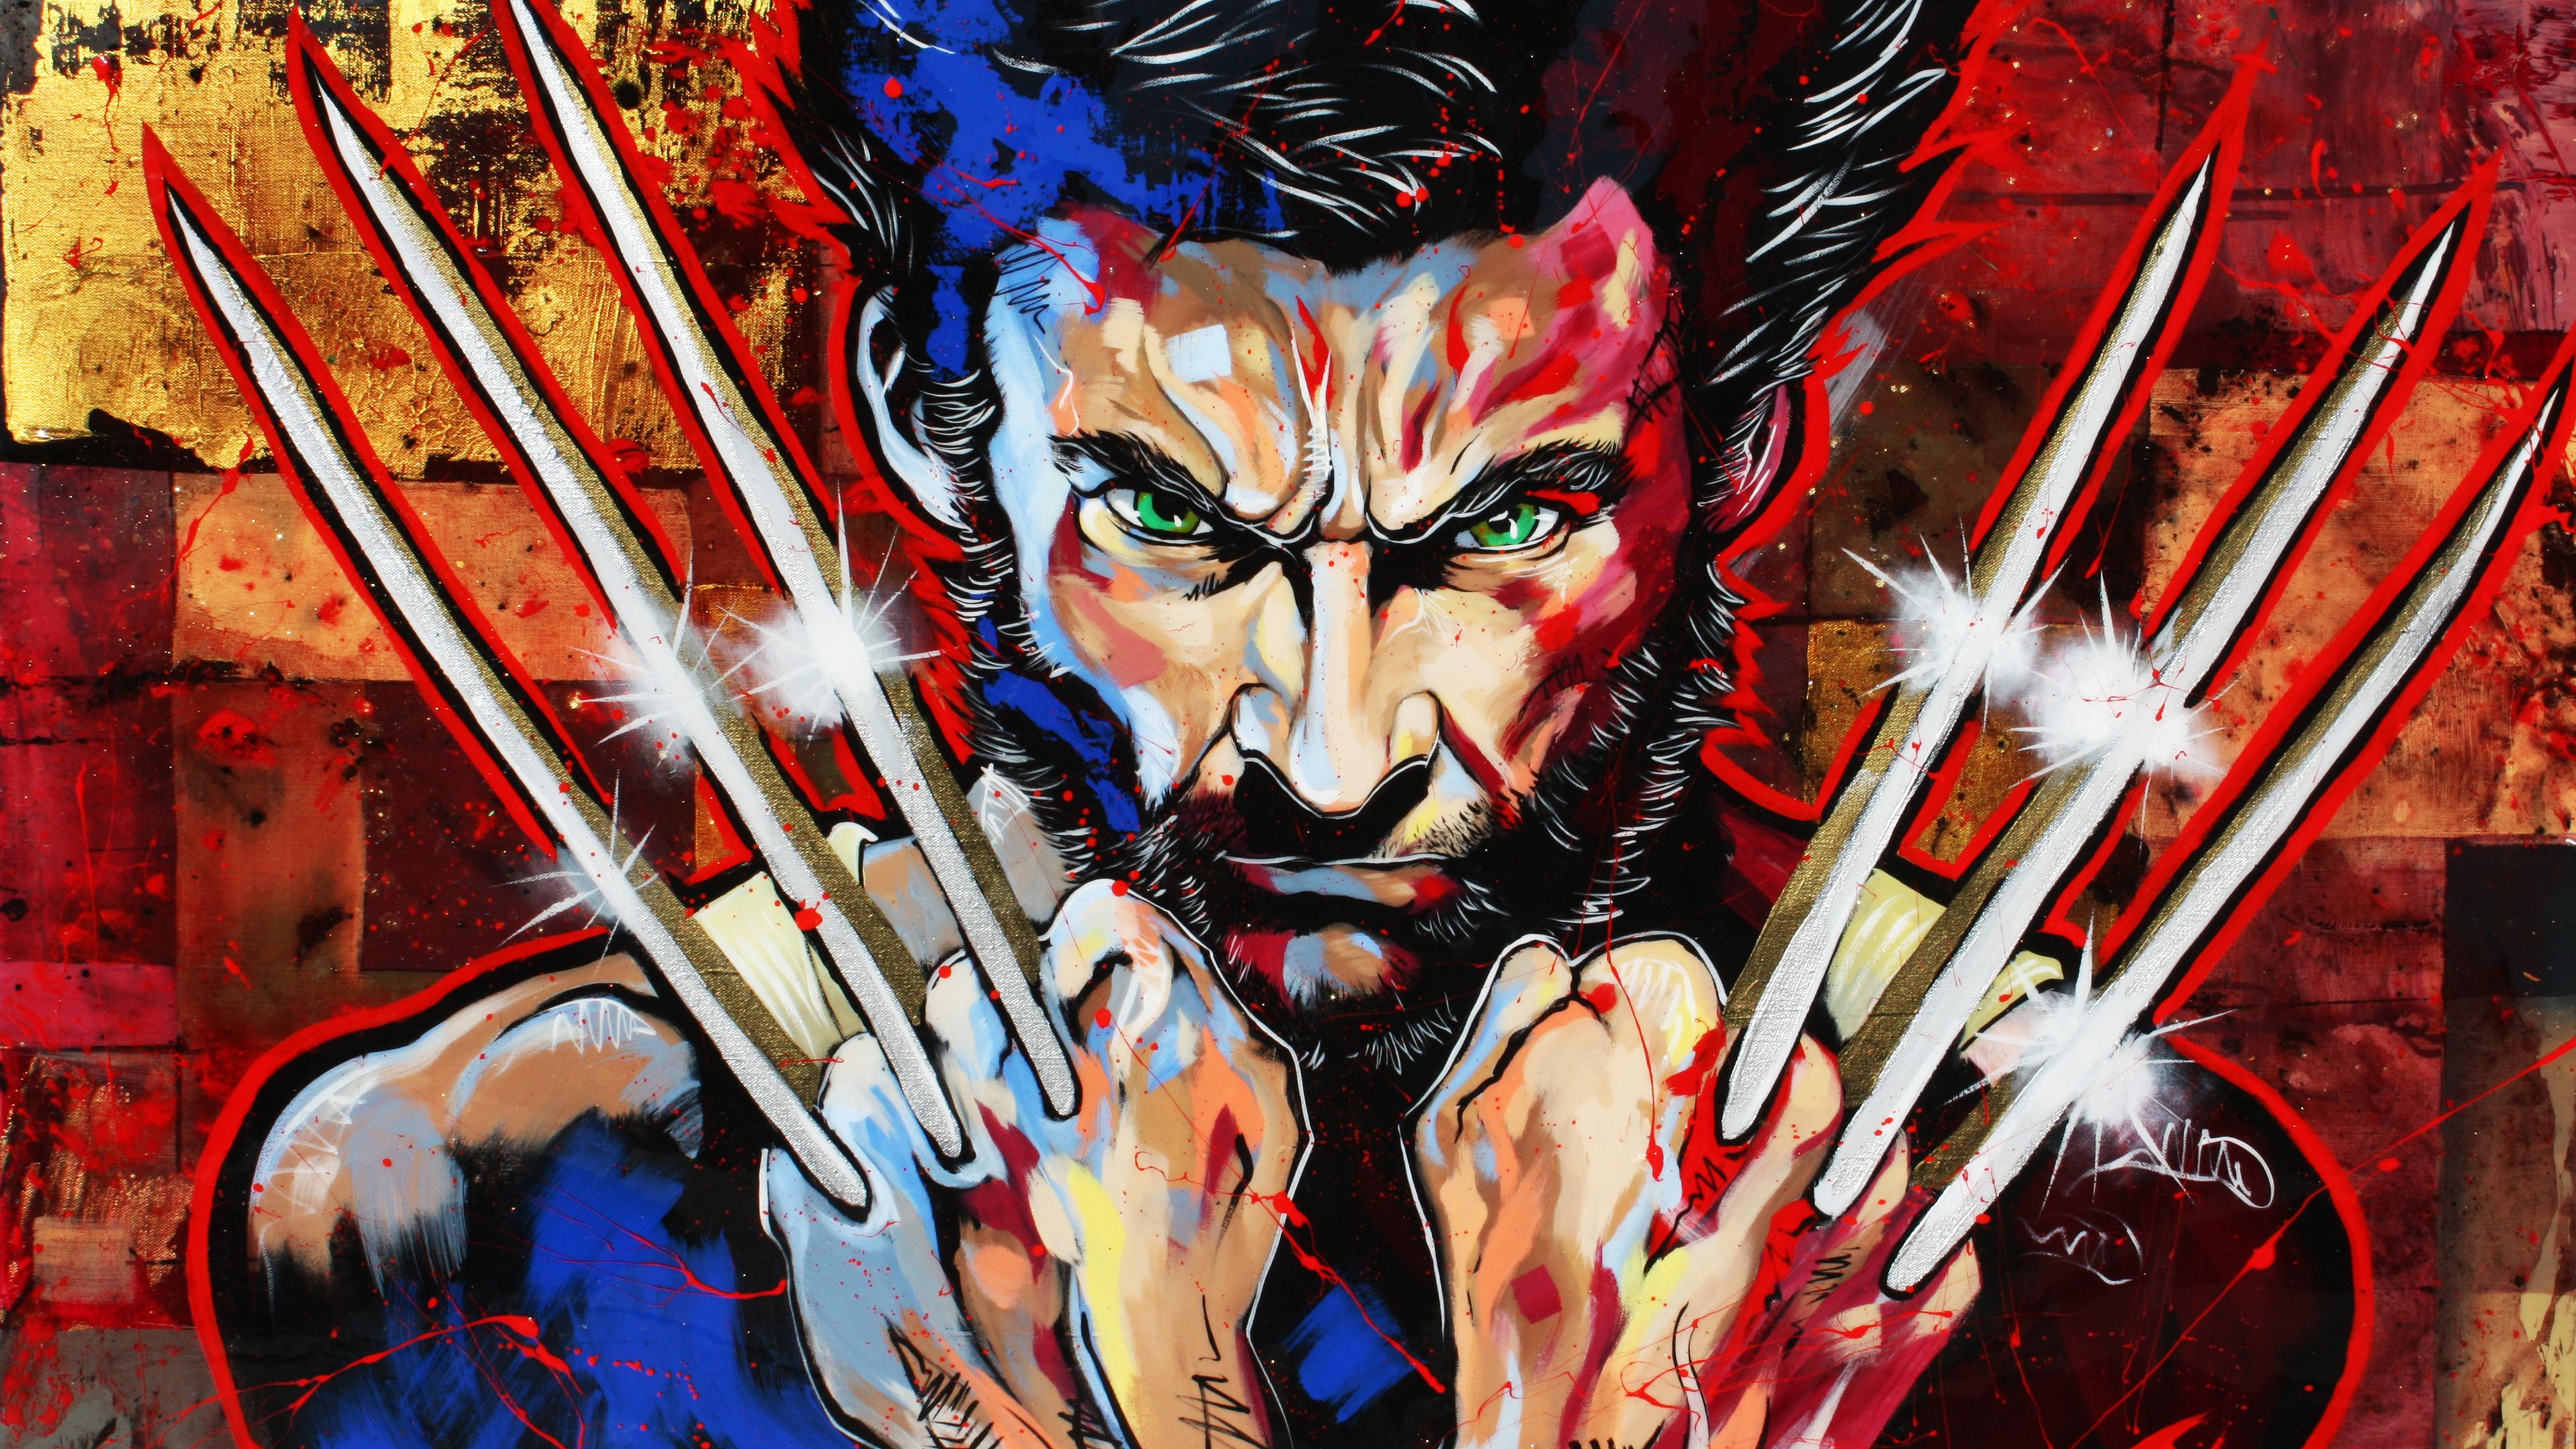 Wolverine 4k wolverine wallpapers superheroes wallpapers hd wallpapers 4k wallpapers - Wallpaper wolverine 4k ...